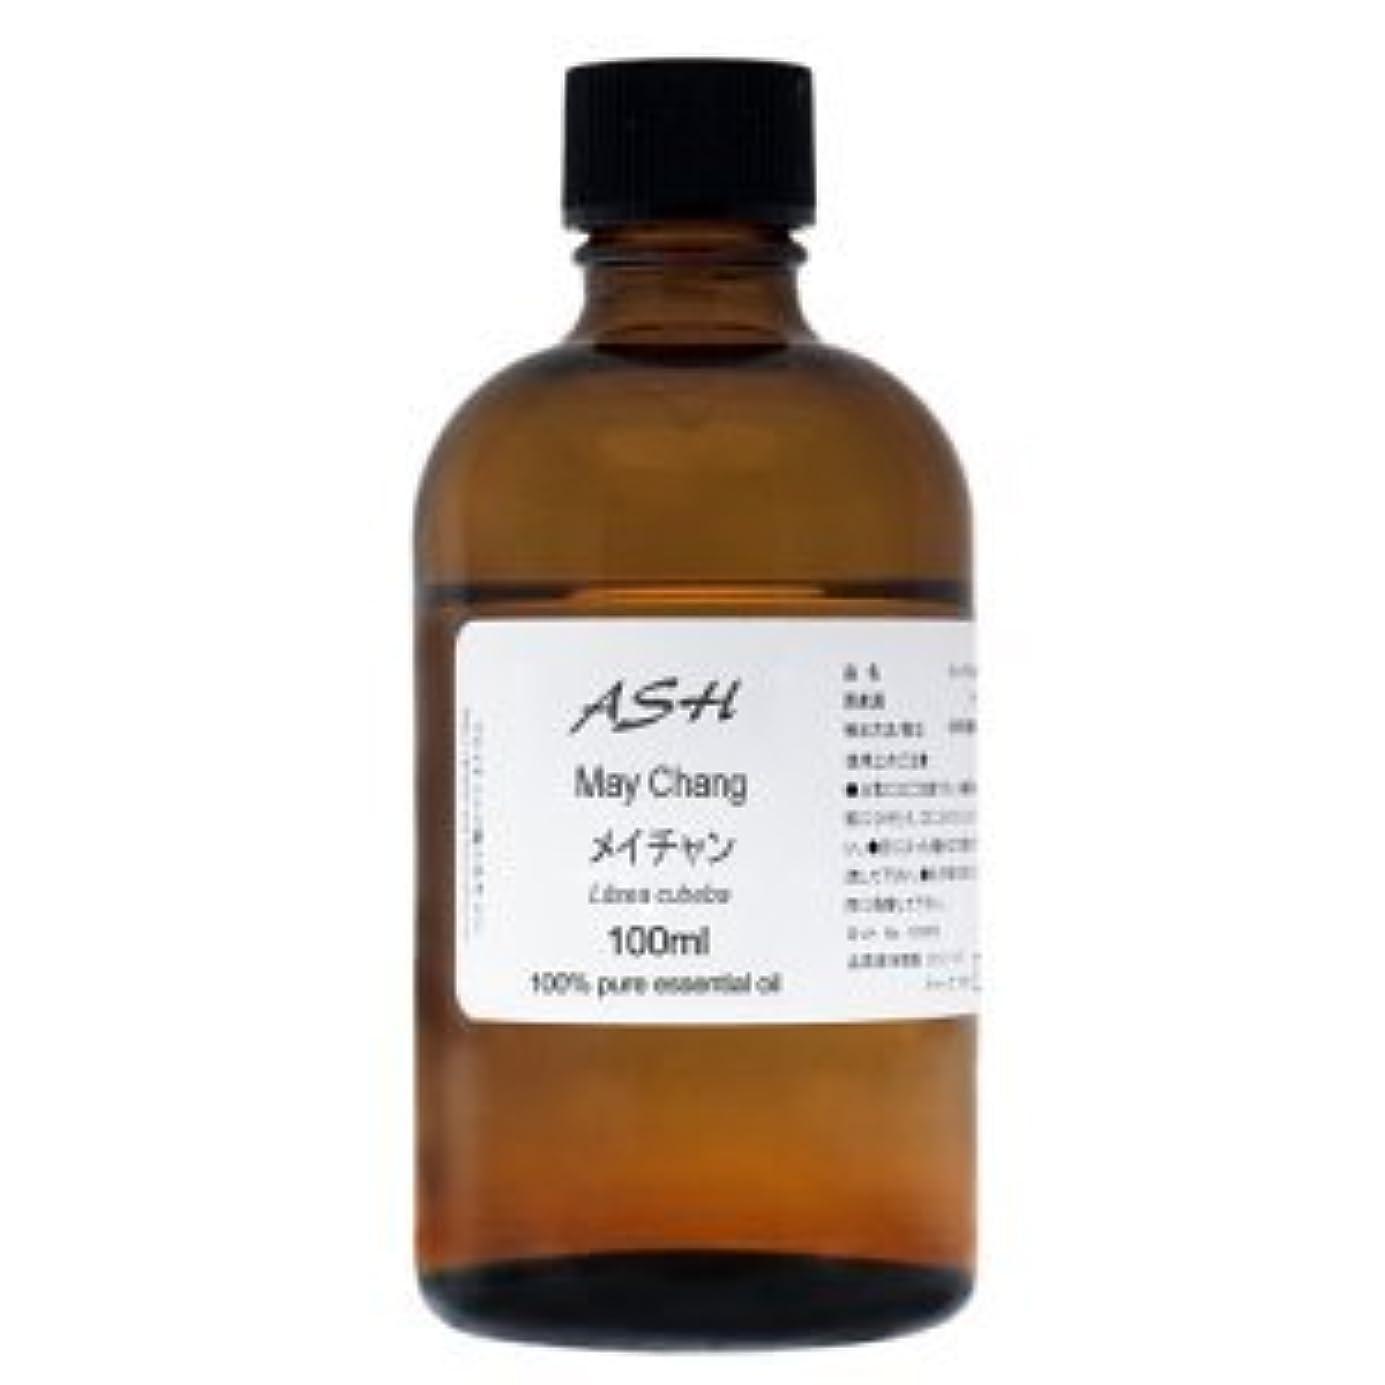 スチールケープギャラリーASH メイチャン エッセンシャルオイル 100ml AEAJ表示基準適合認定精油